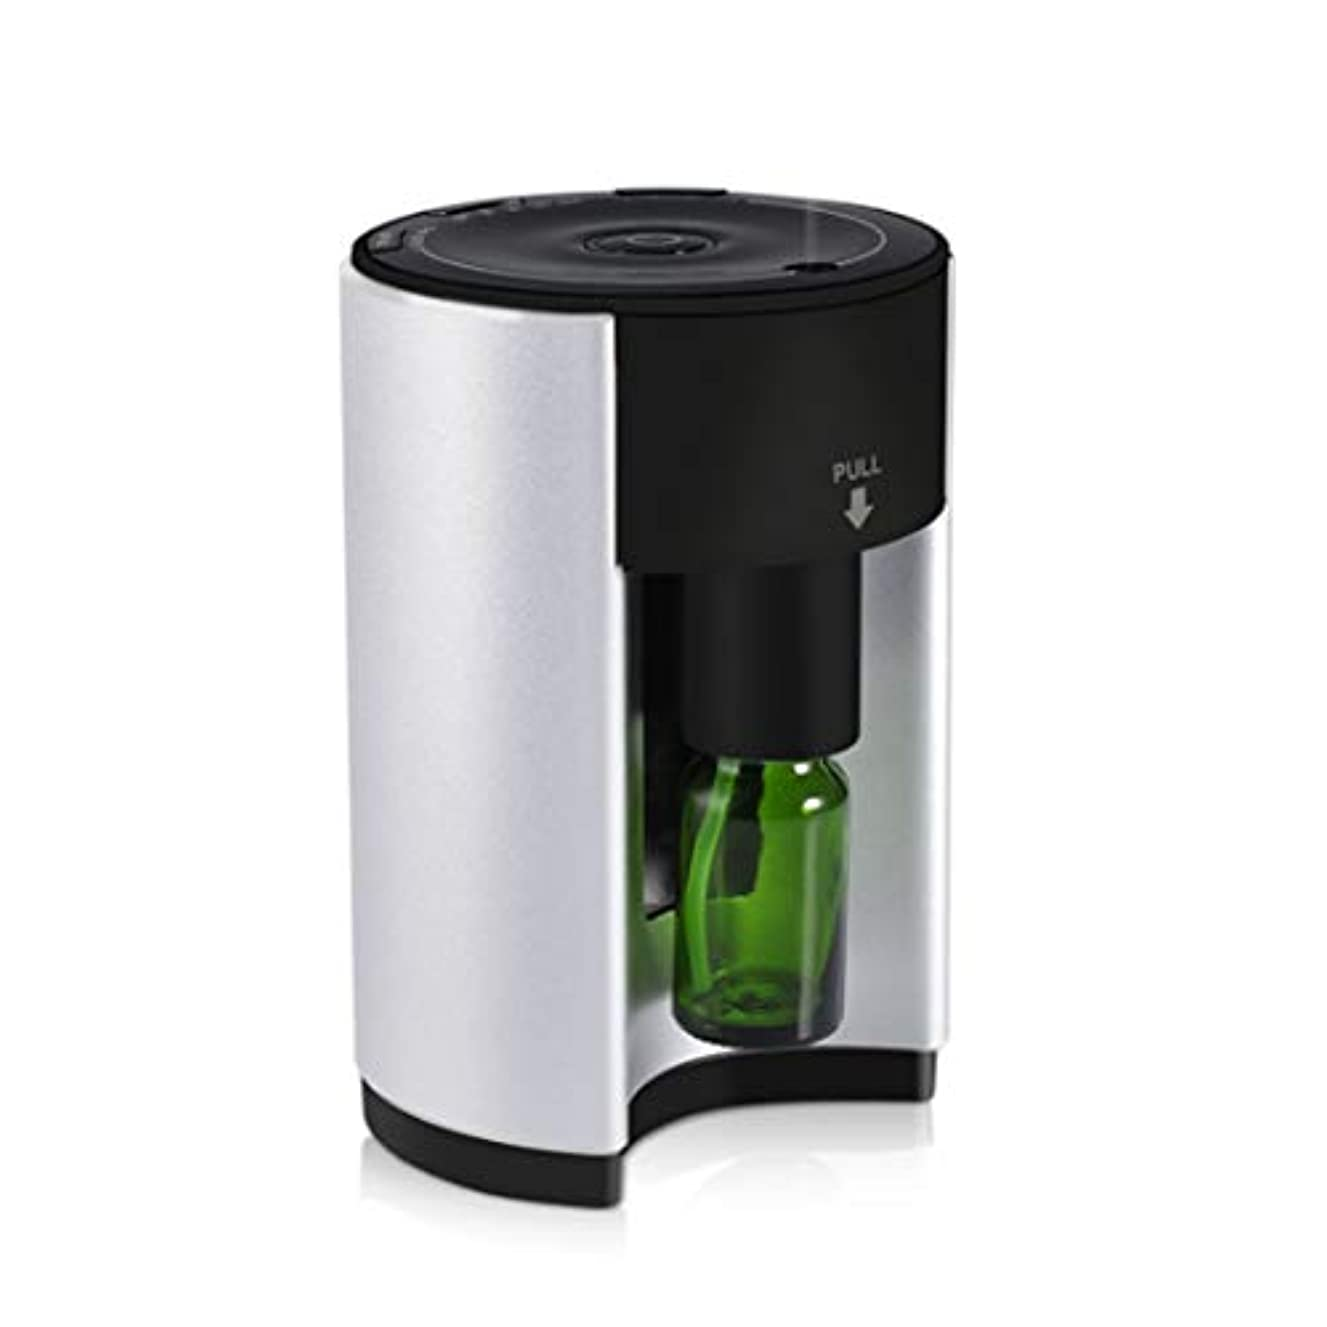 フェミニン眠るギャラリーアロマディフューザー アロマバーナー アロマ芳香器 ネブライザー式 人気 香り 小型 コンパクト 軽量 アロマオイル うるおい 専用ボトル付 タイマー付き ヨガ室 ホテル 広範囲適用